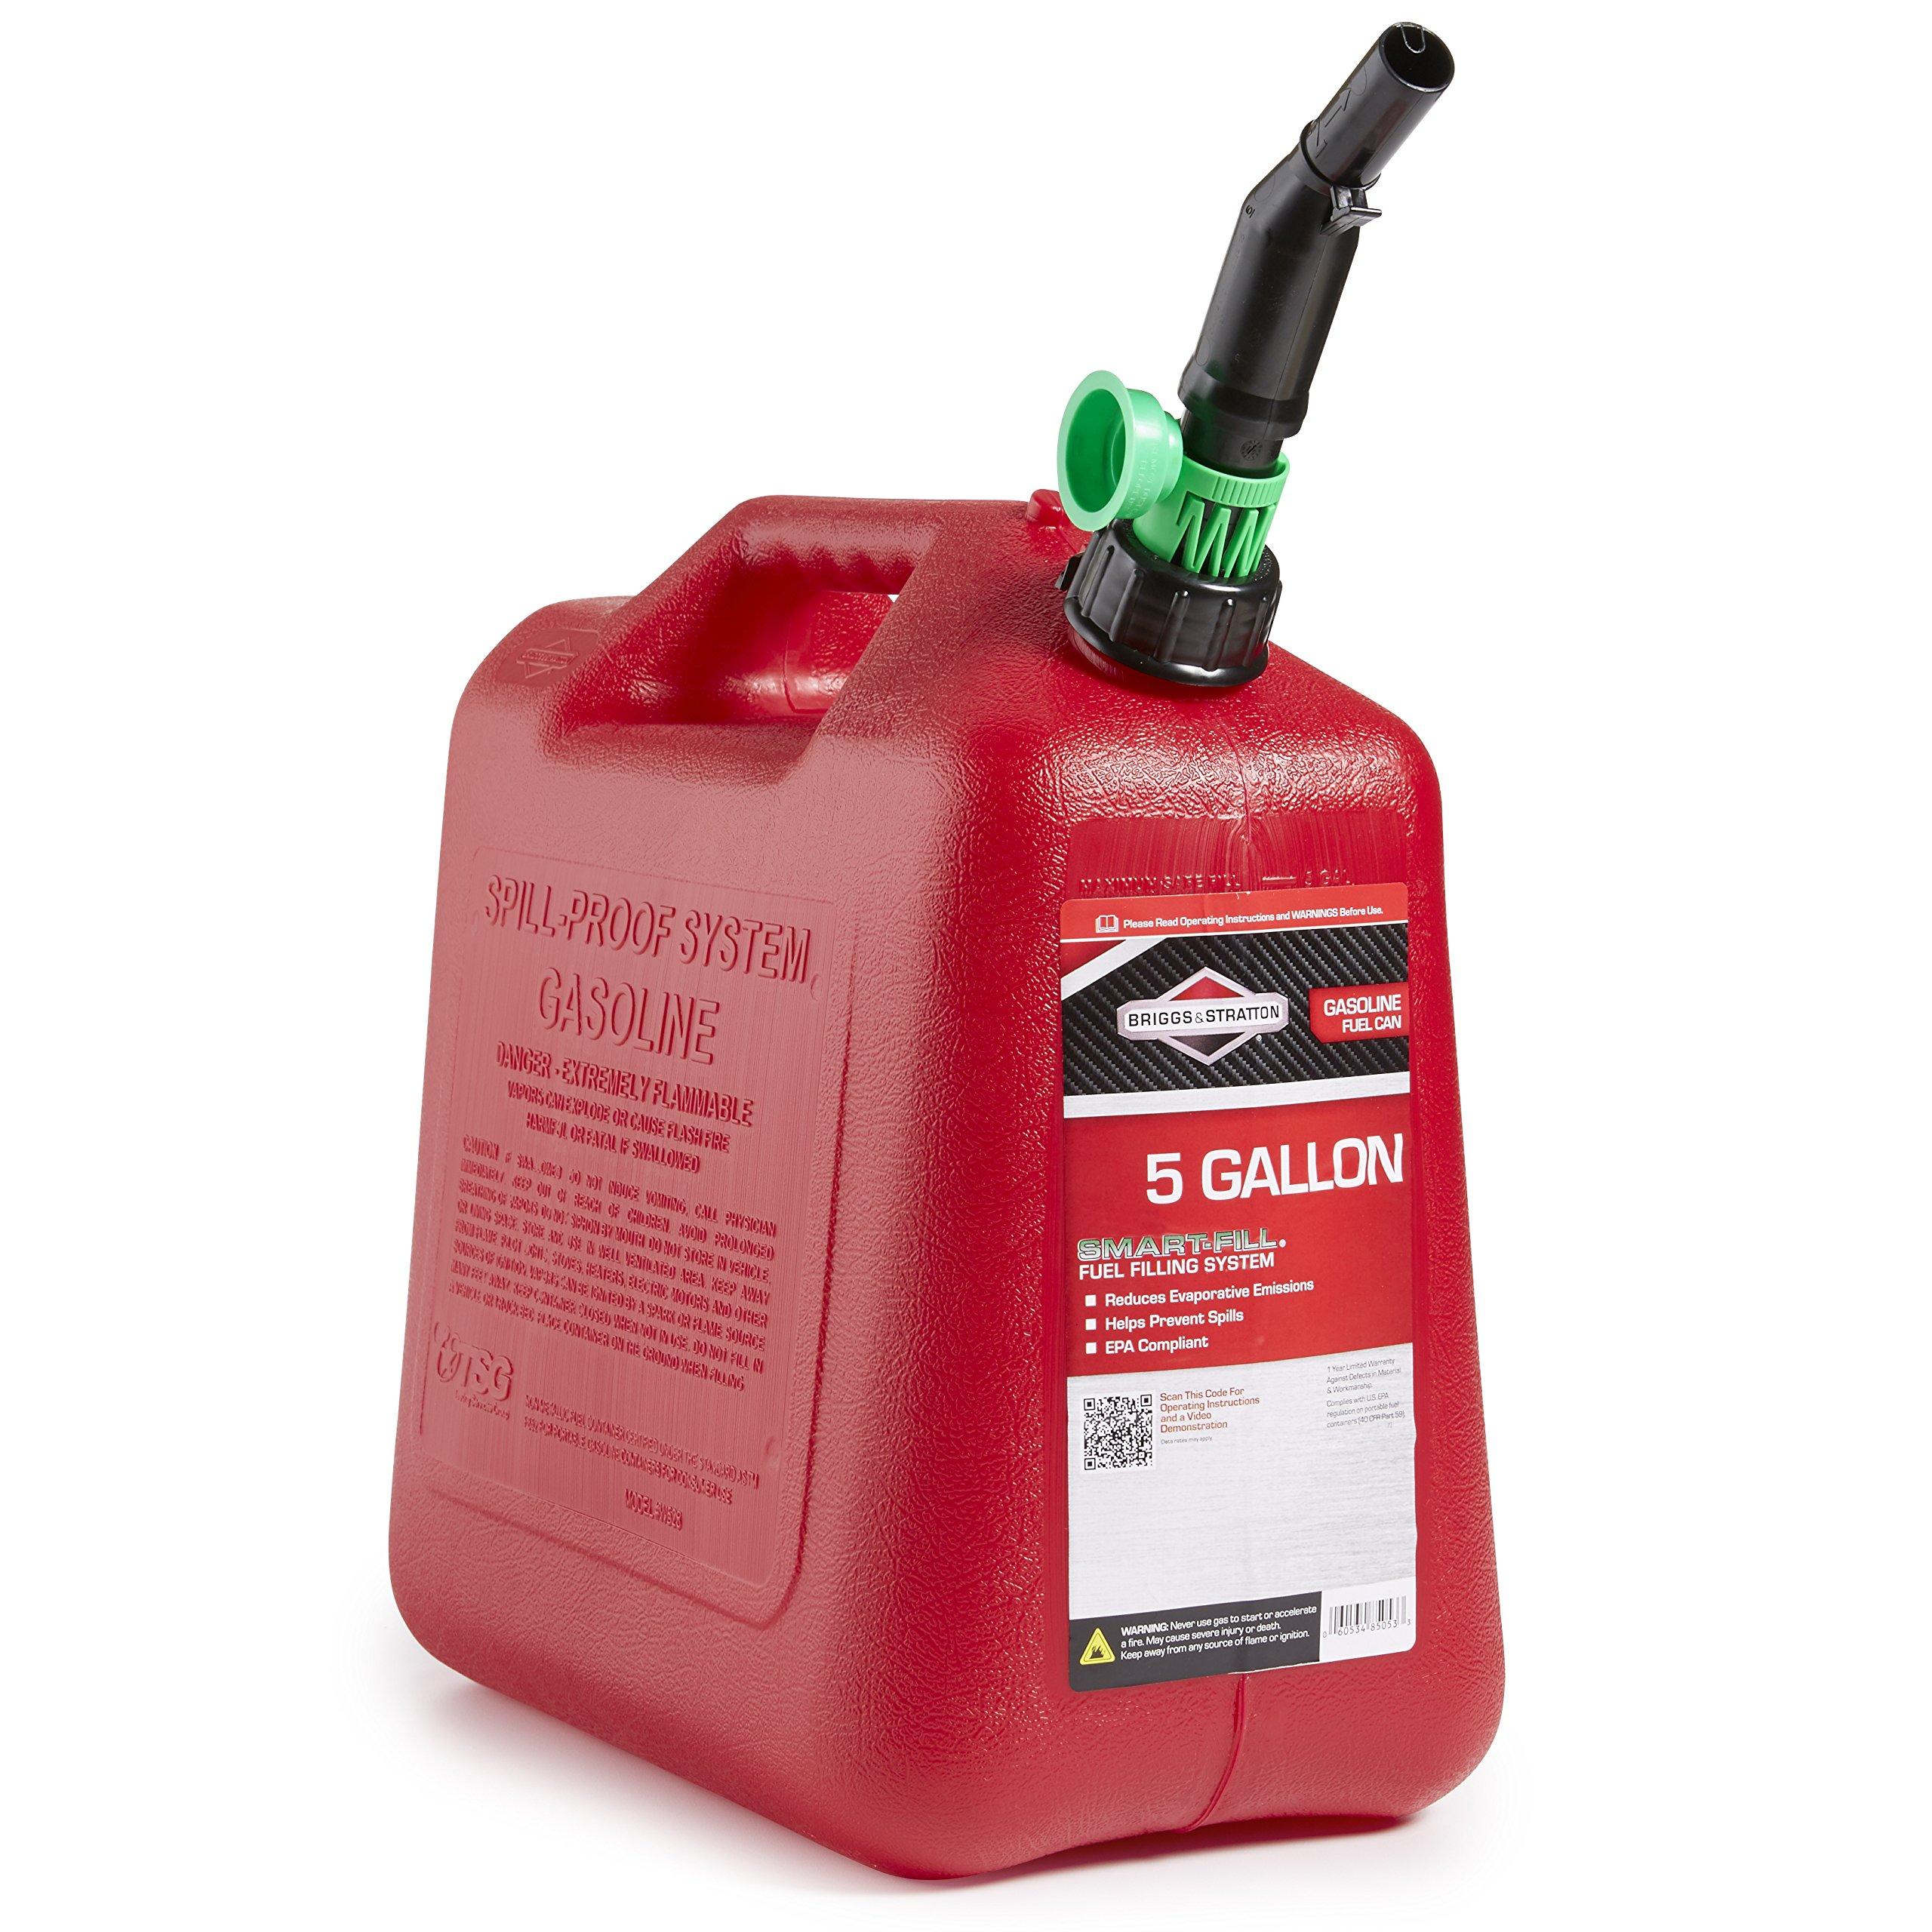 Briggs & Stratton 85053 5-Gallon Gas Can Auto Shut-Off by Briggs & Stratton